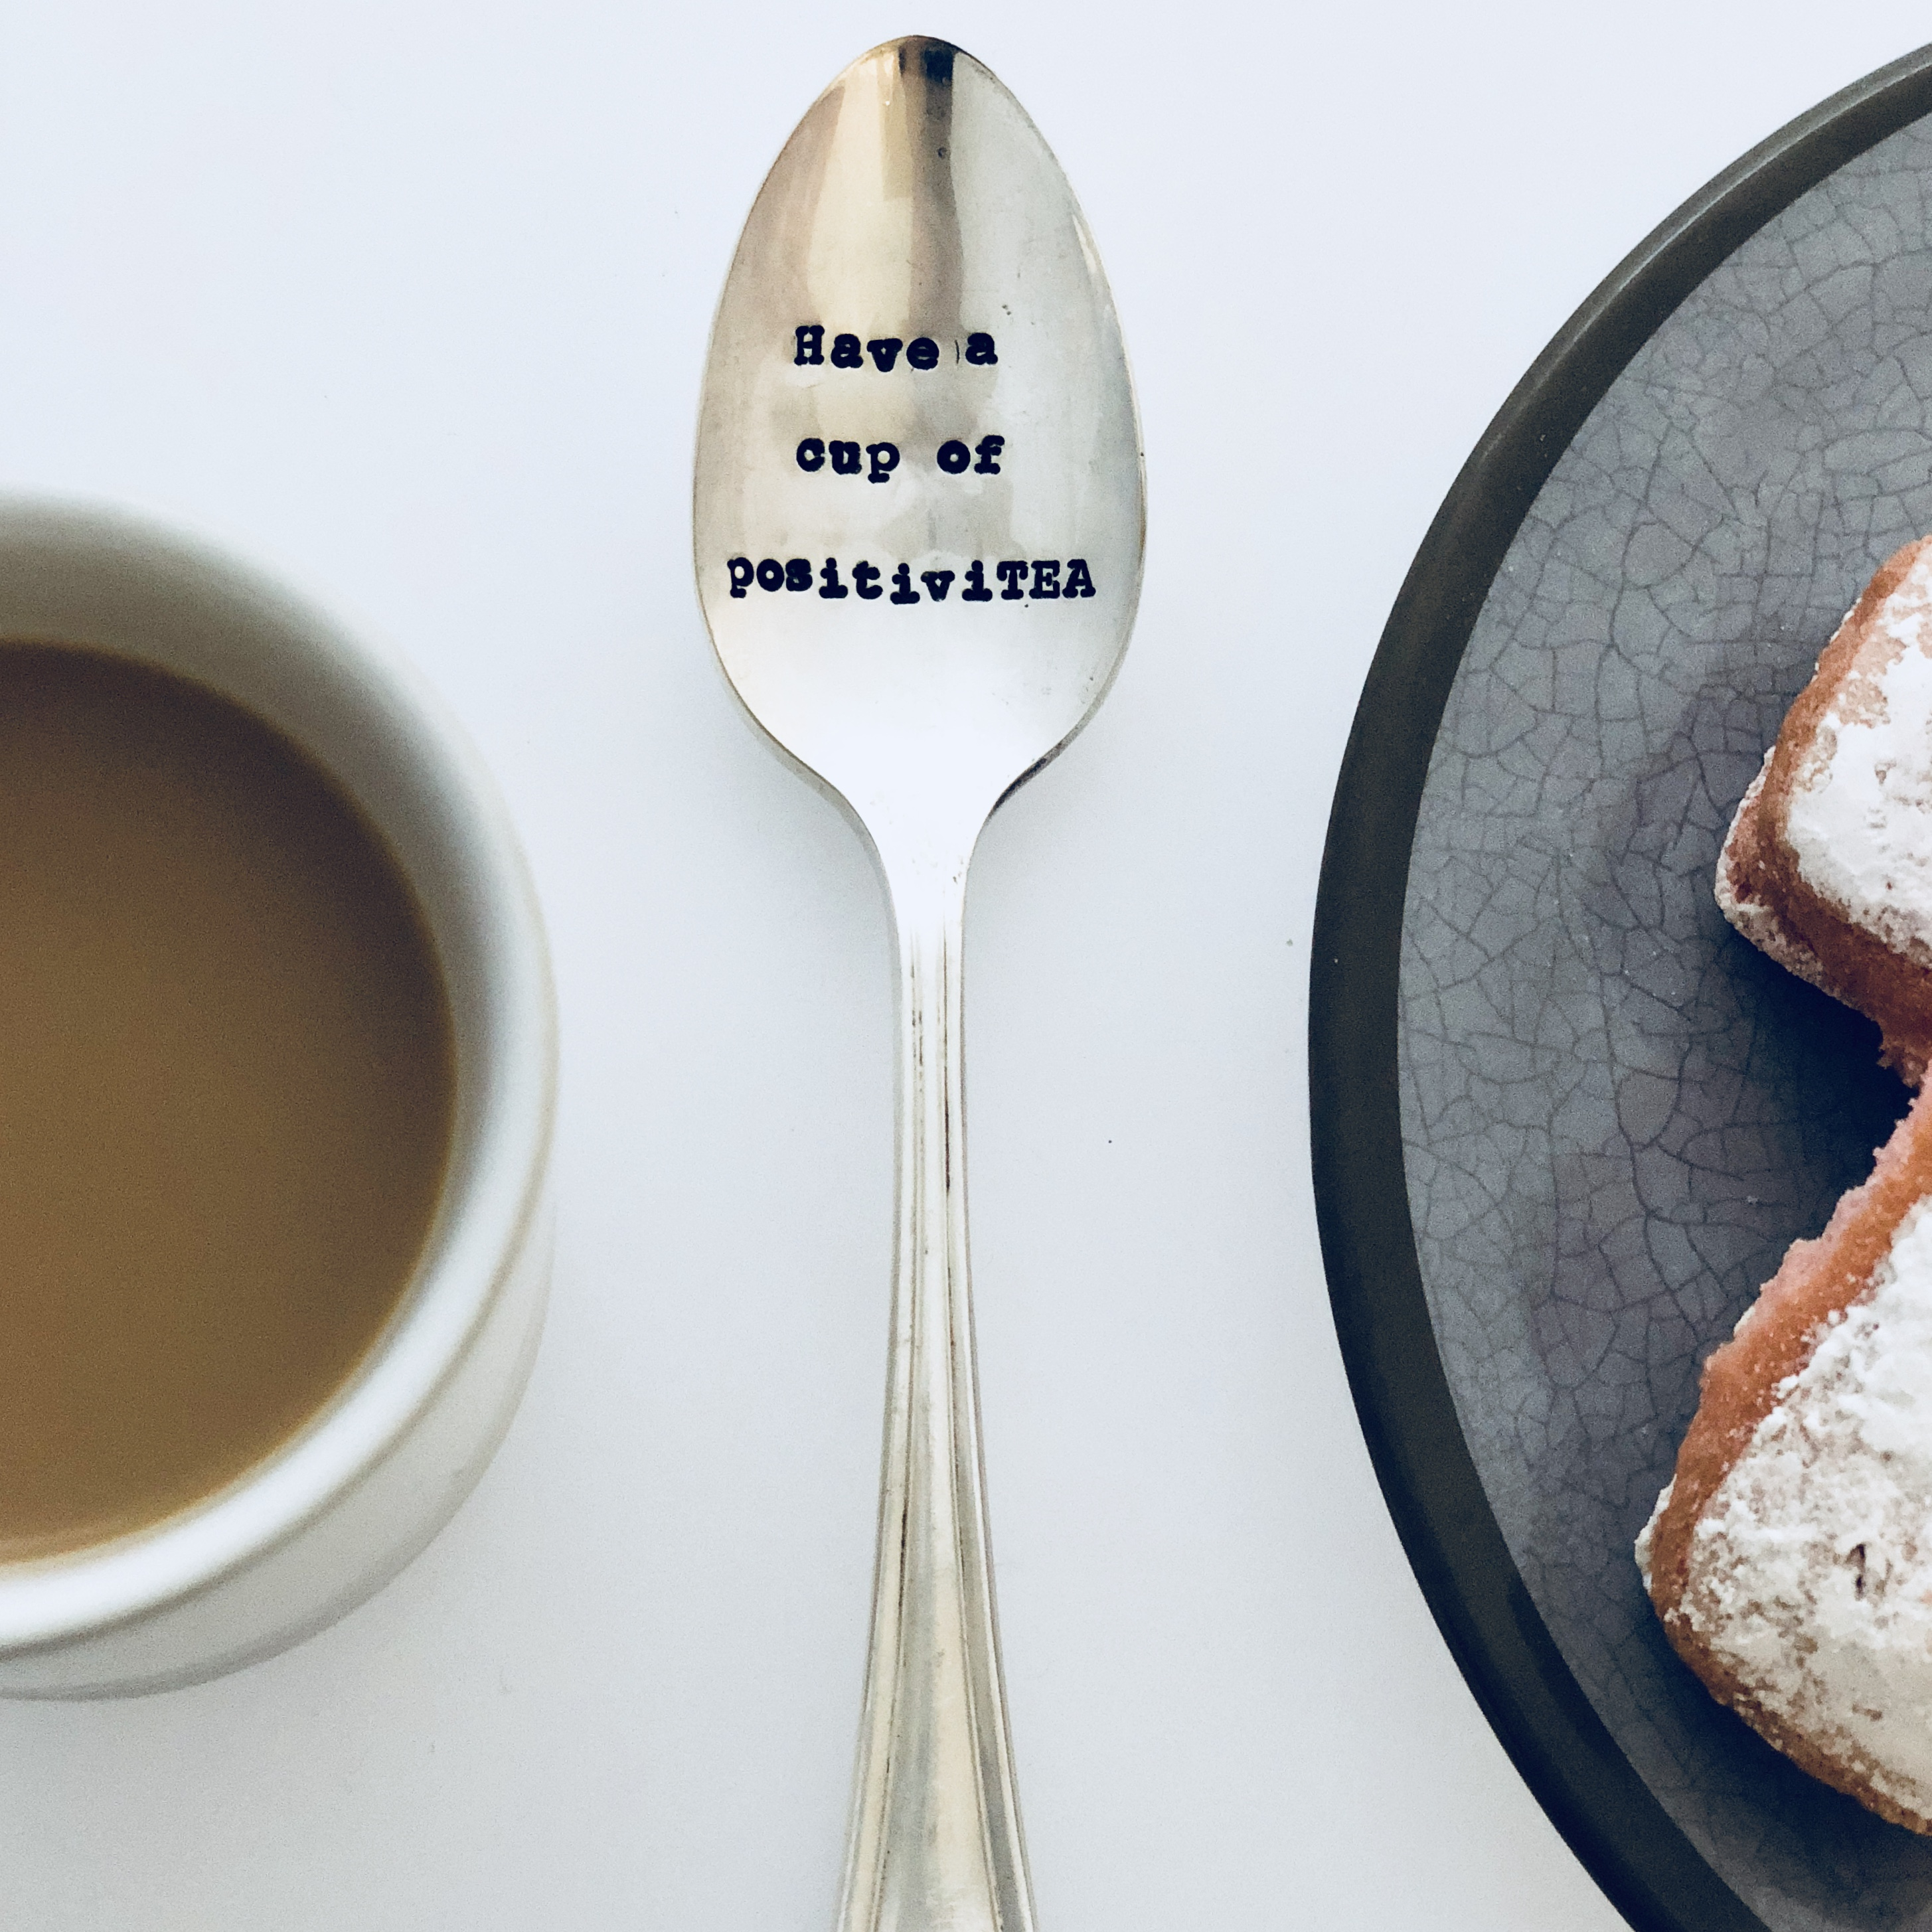 Teaspoon - 'Have A Cup Of PositiviTEA'